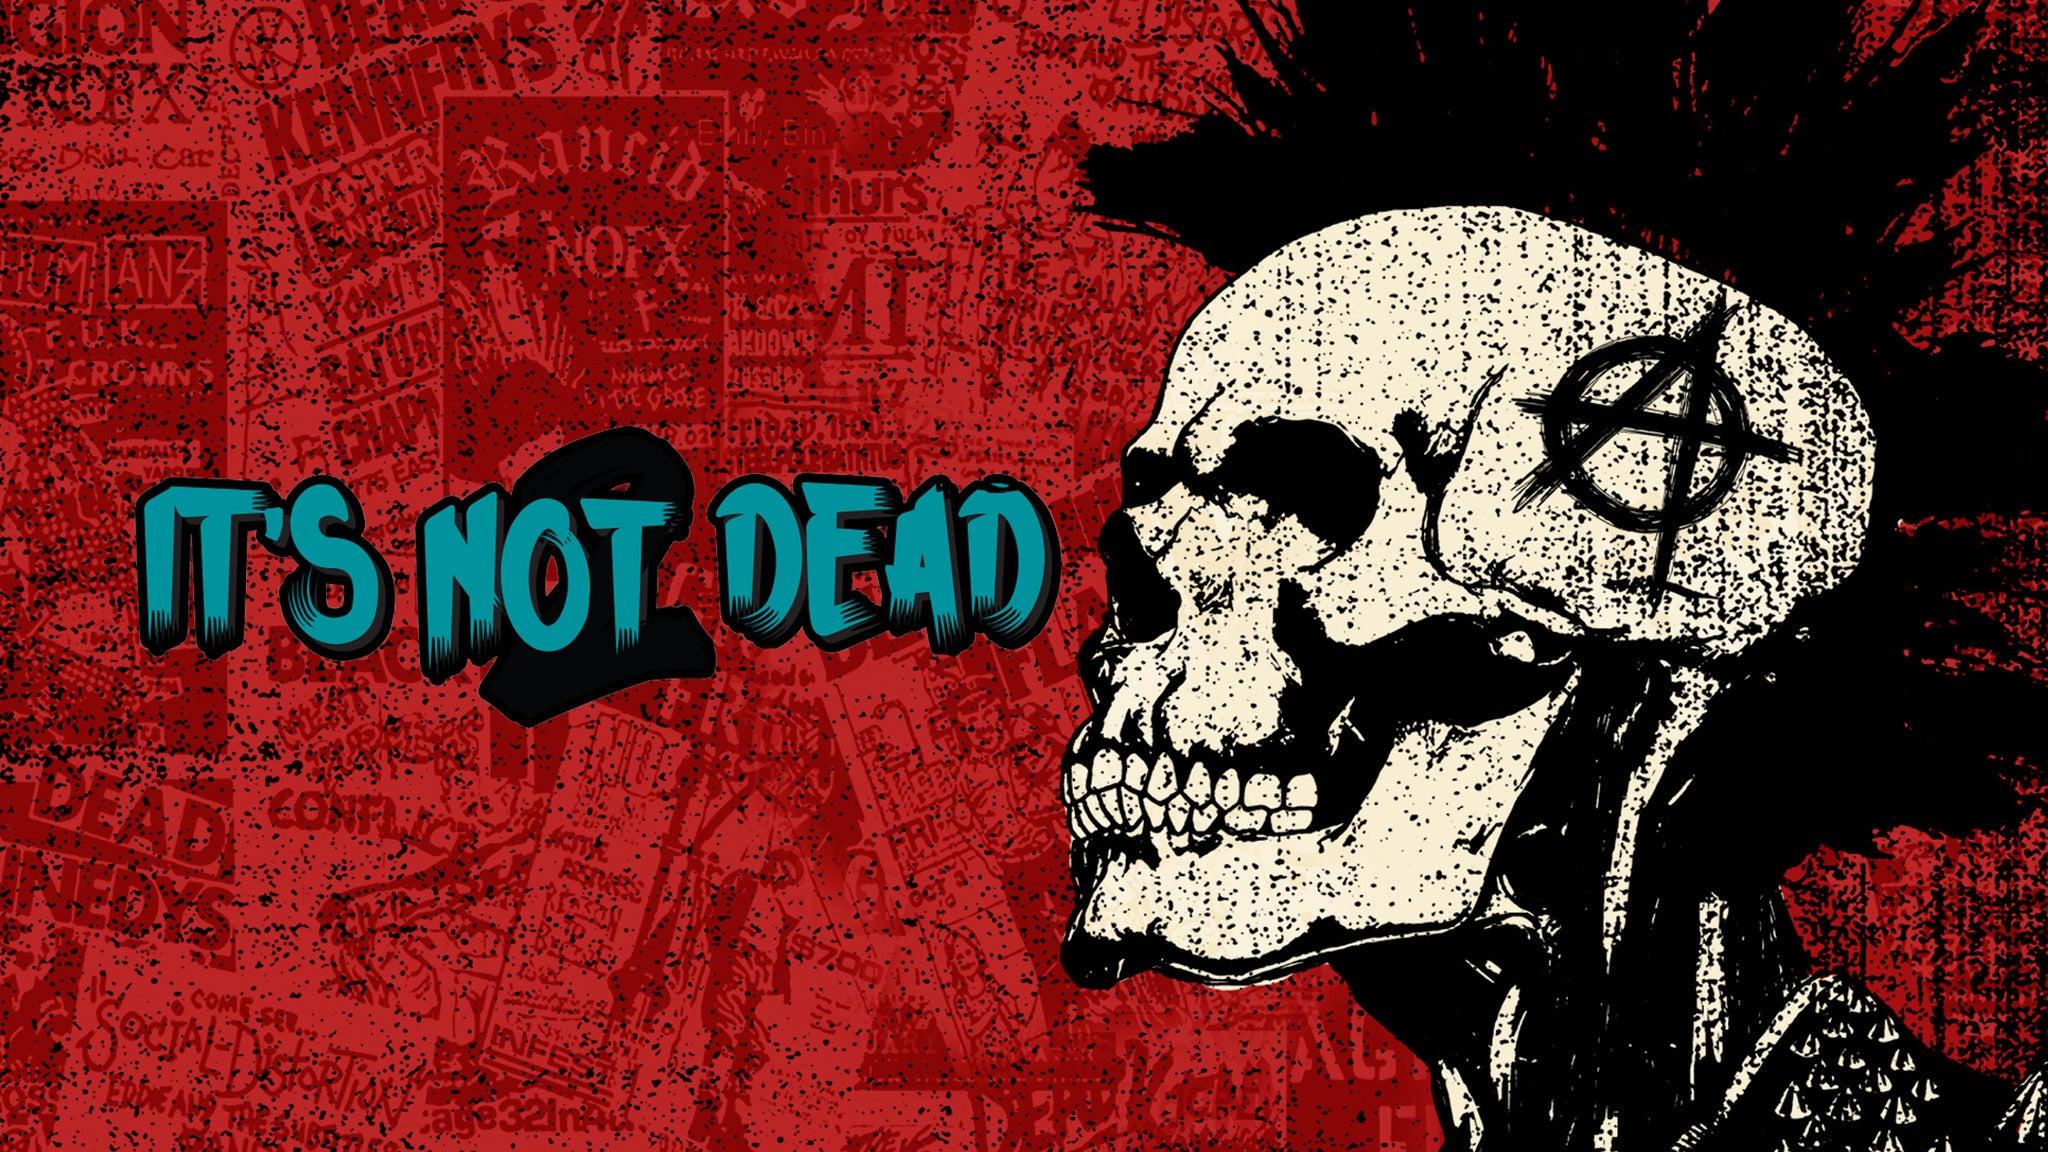 It's Not Dead